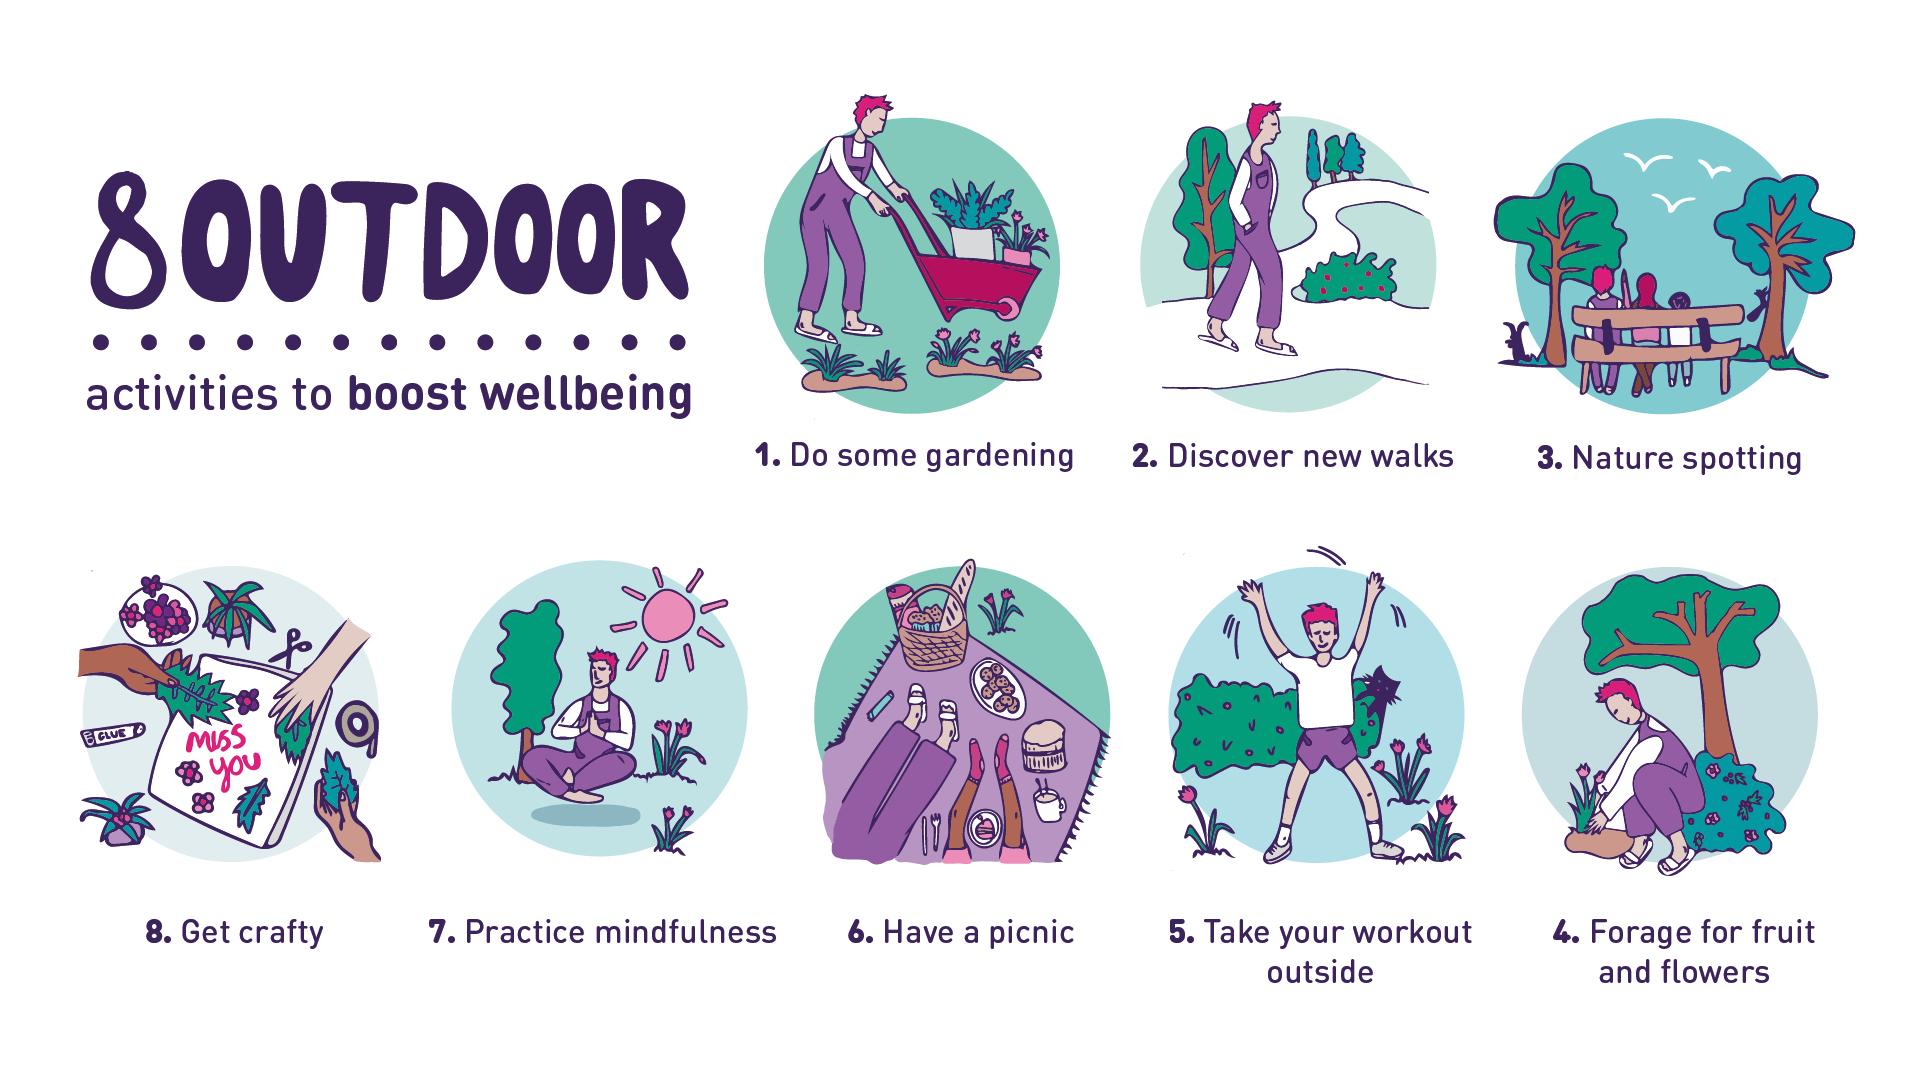 Eight outdoor activities to boost wellbeing